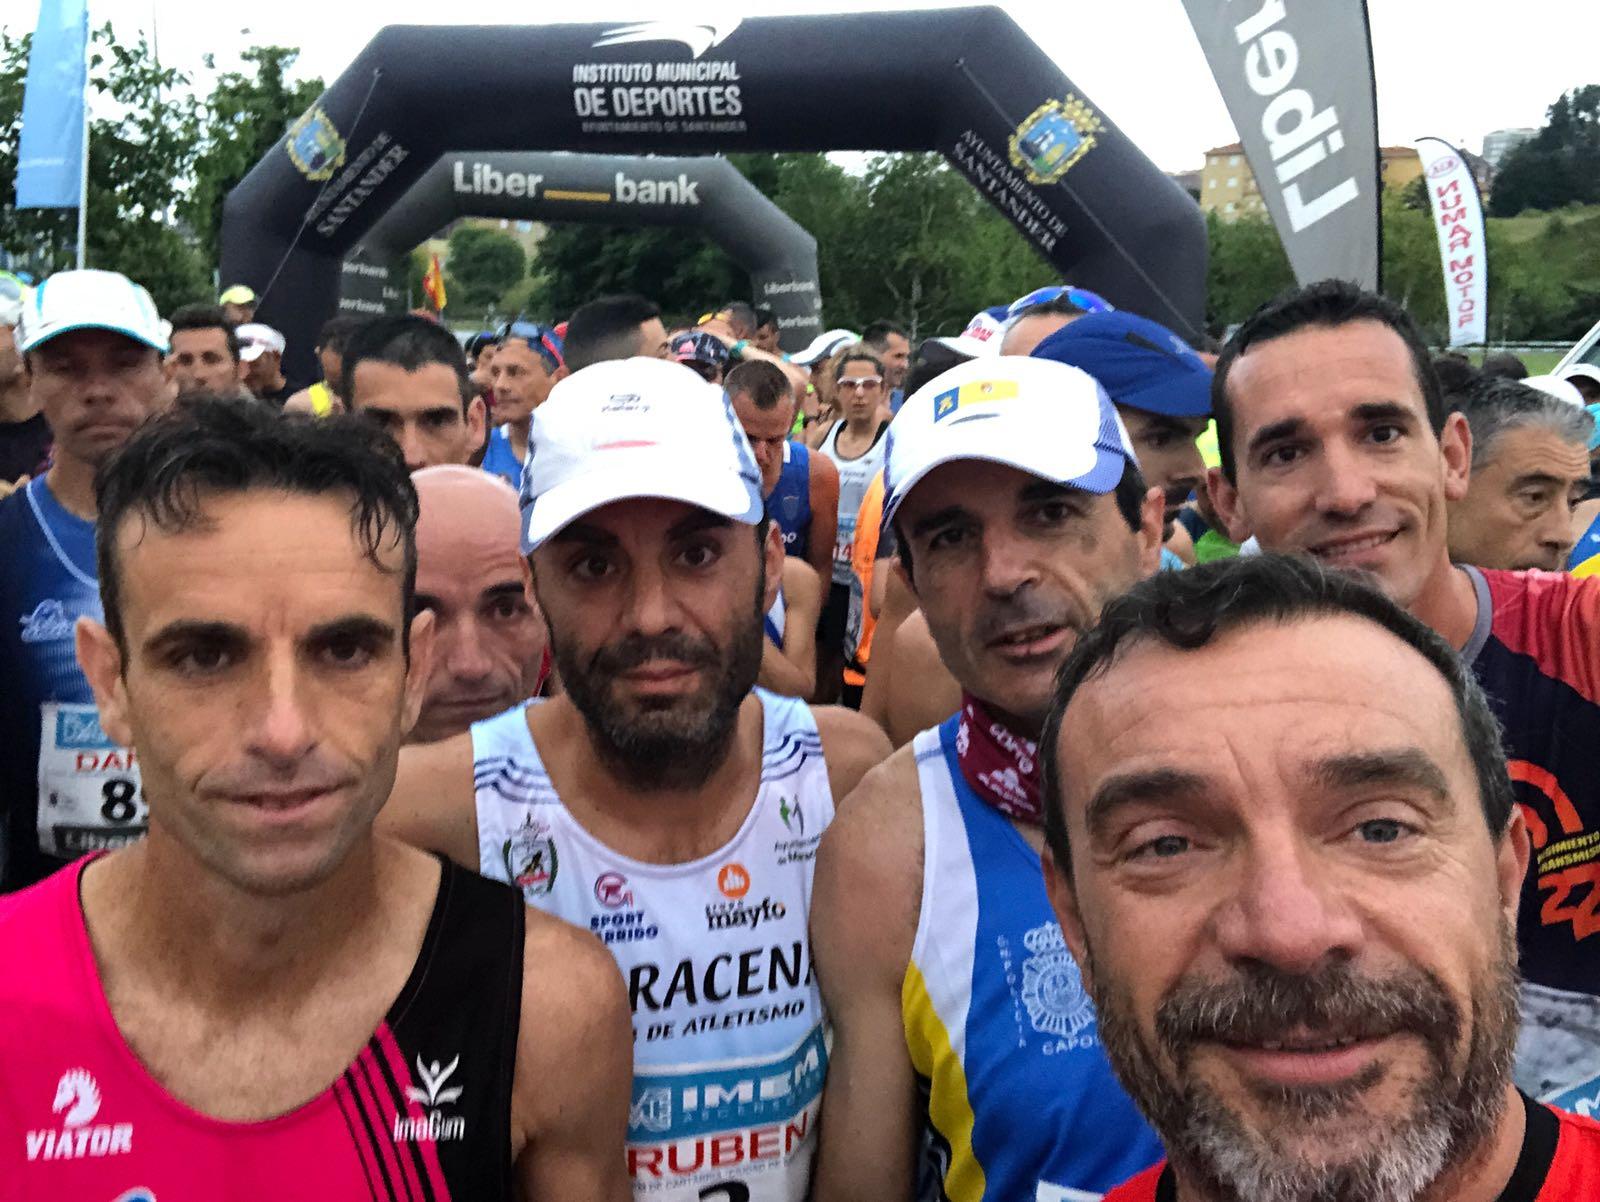 RUNNING Y ULTRAFONDO: LOS 100KM CIUDAD DE SANTANDER.  La carrera desde dentro, por Rubén Delgado, campeón 2017